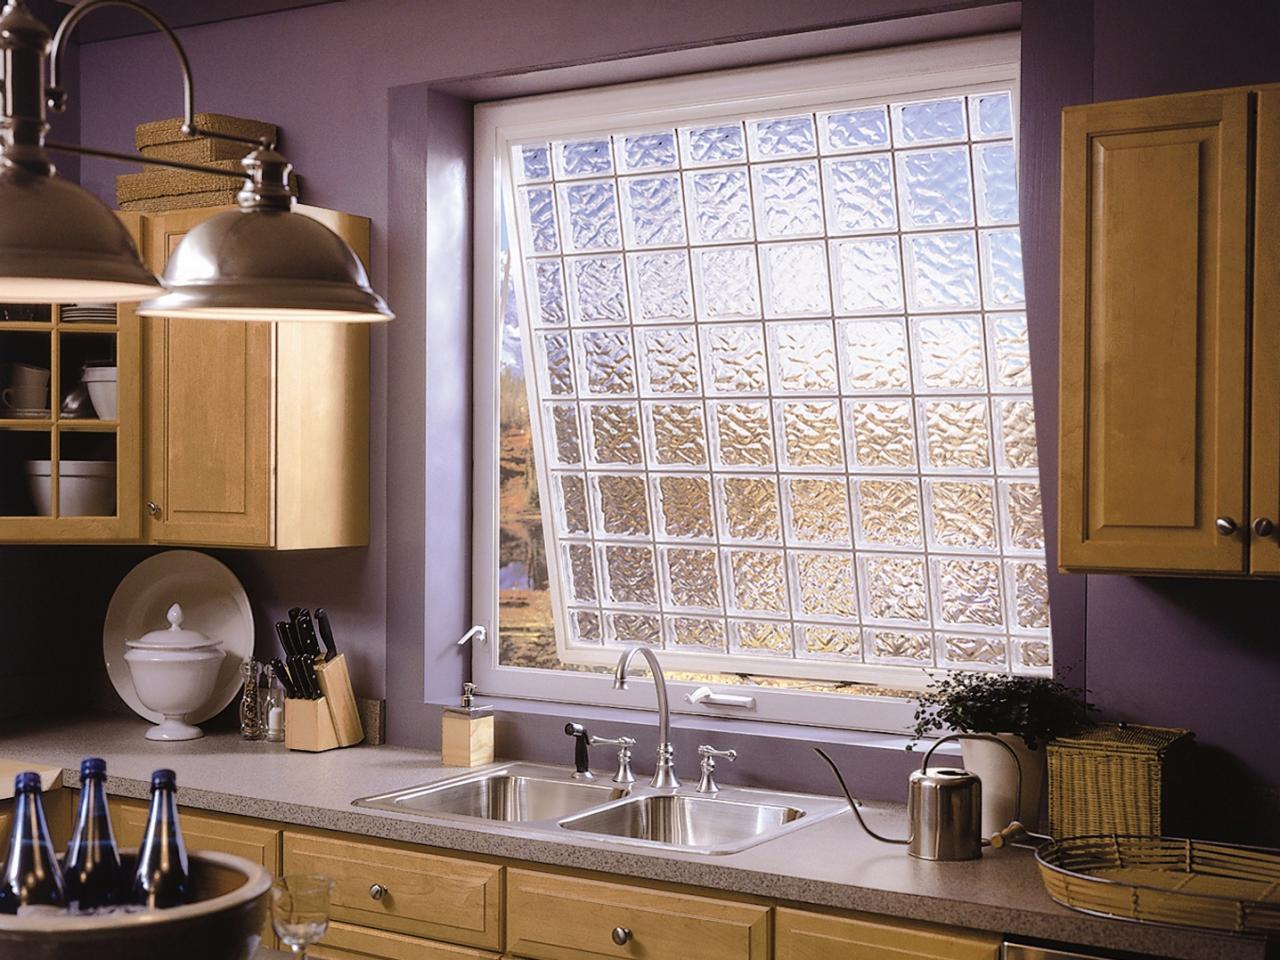 Оформление кухонного окна стеклоблоками